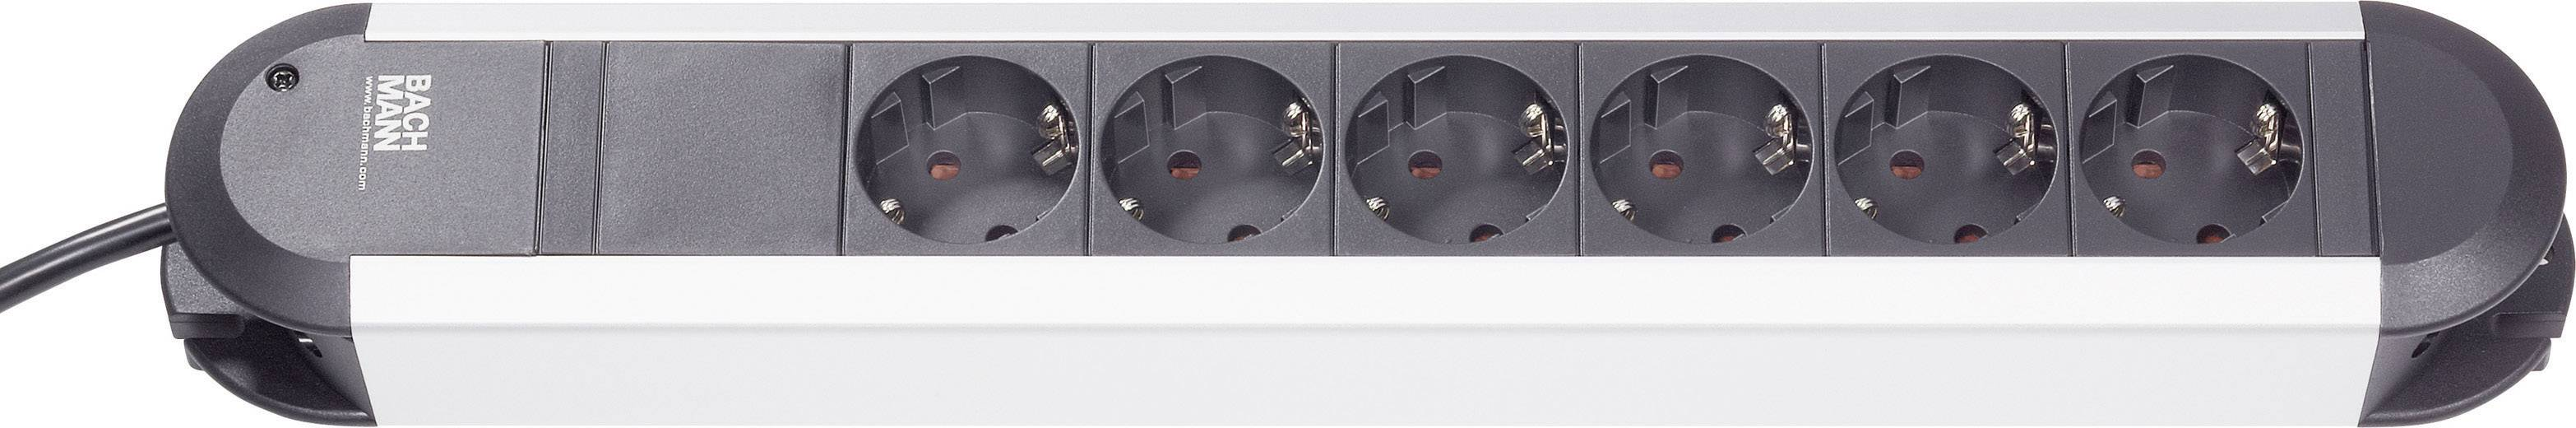 Zásuvková lišta bez spínača Bachmann Electric Primo, 331010, 6 zásuviek, hliník/čierna